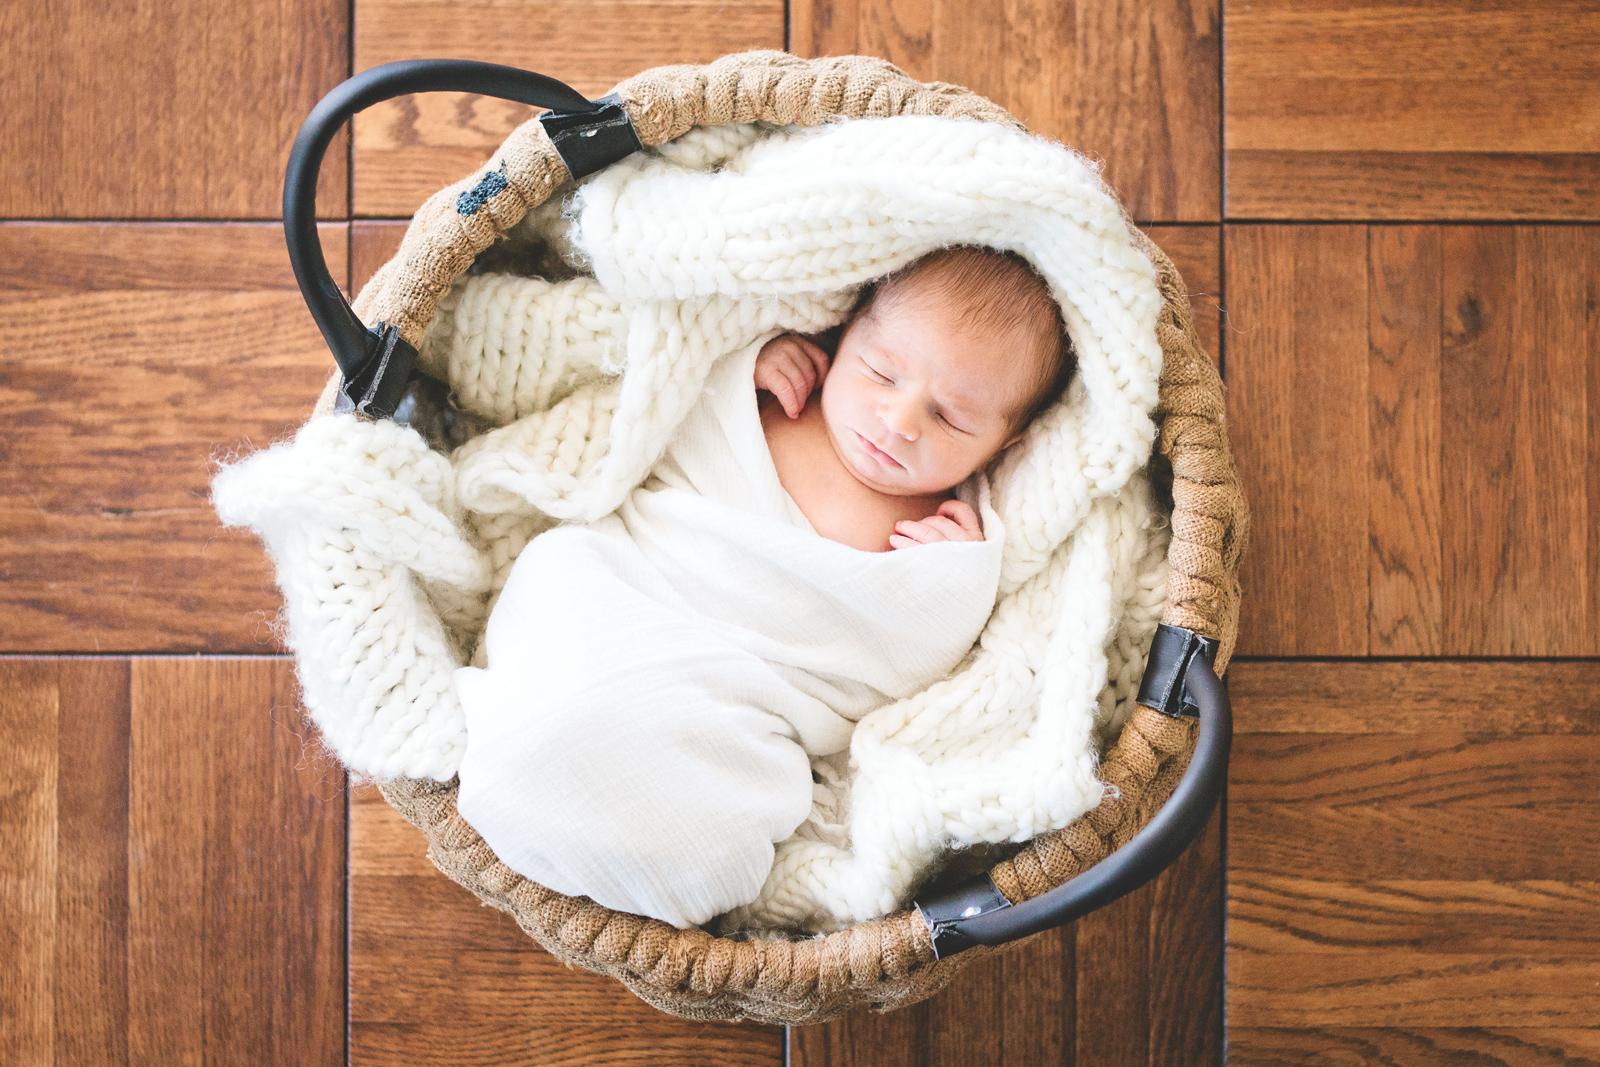 Bode_newborn-97.jpg